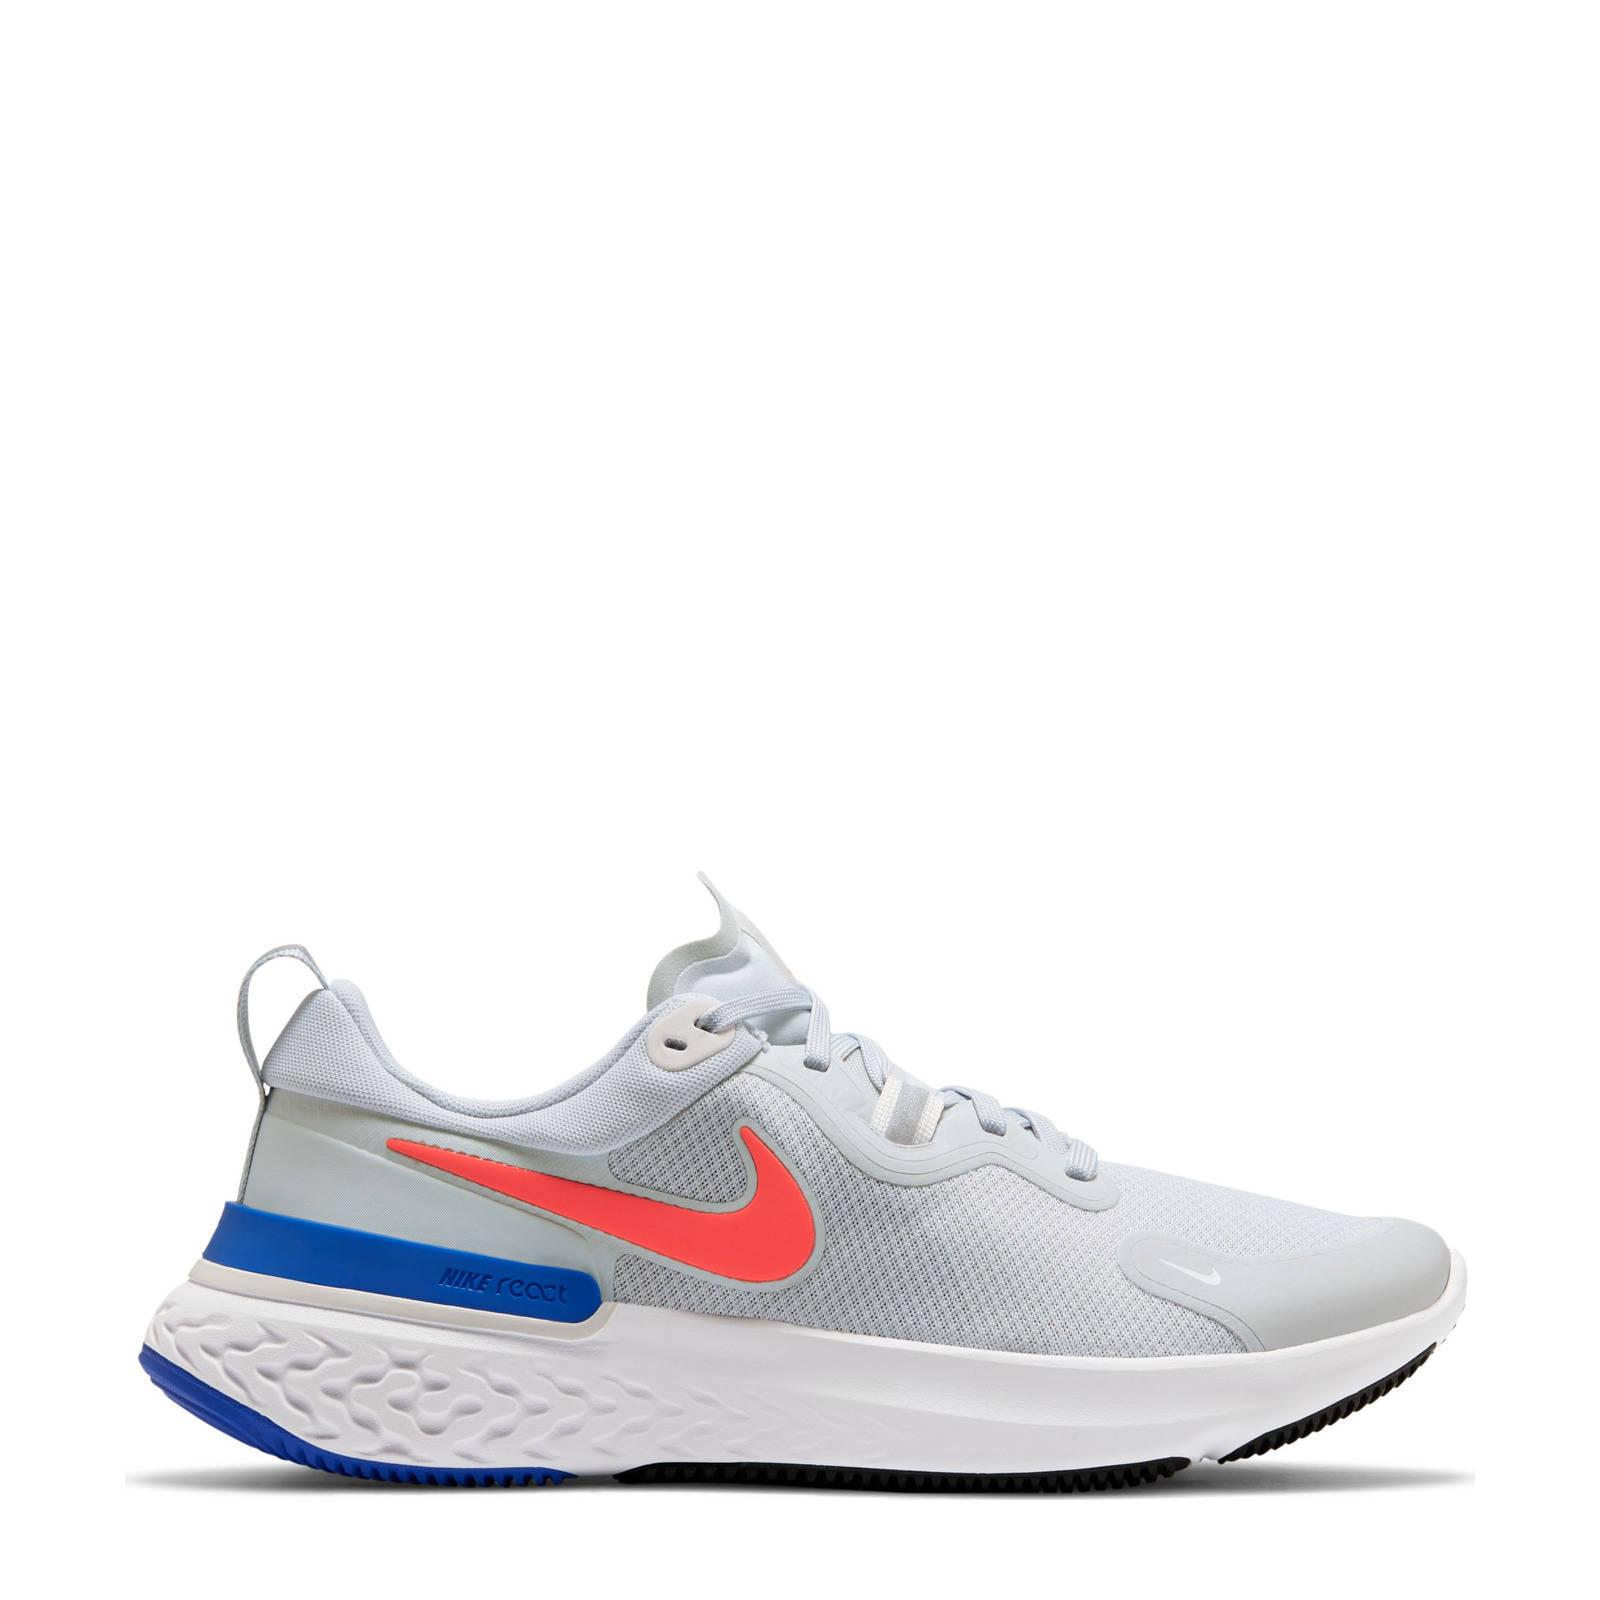 Nike React Miler hardloopschoenen lichtgrijs/oranje/blauw online kopen